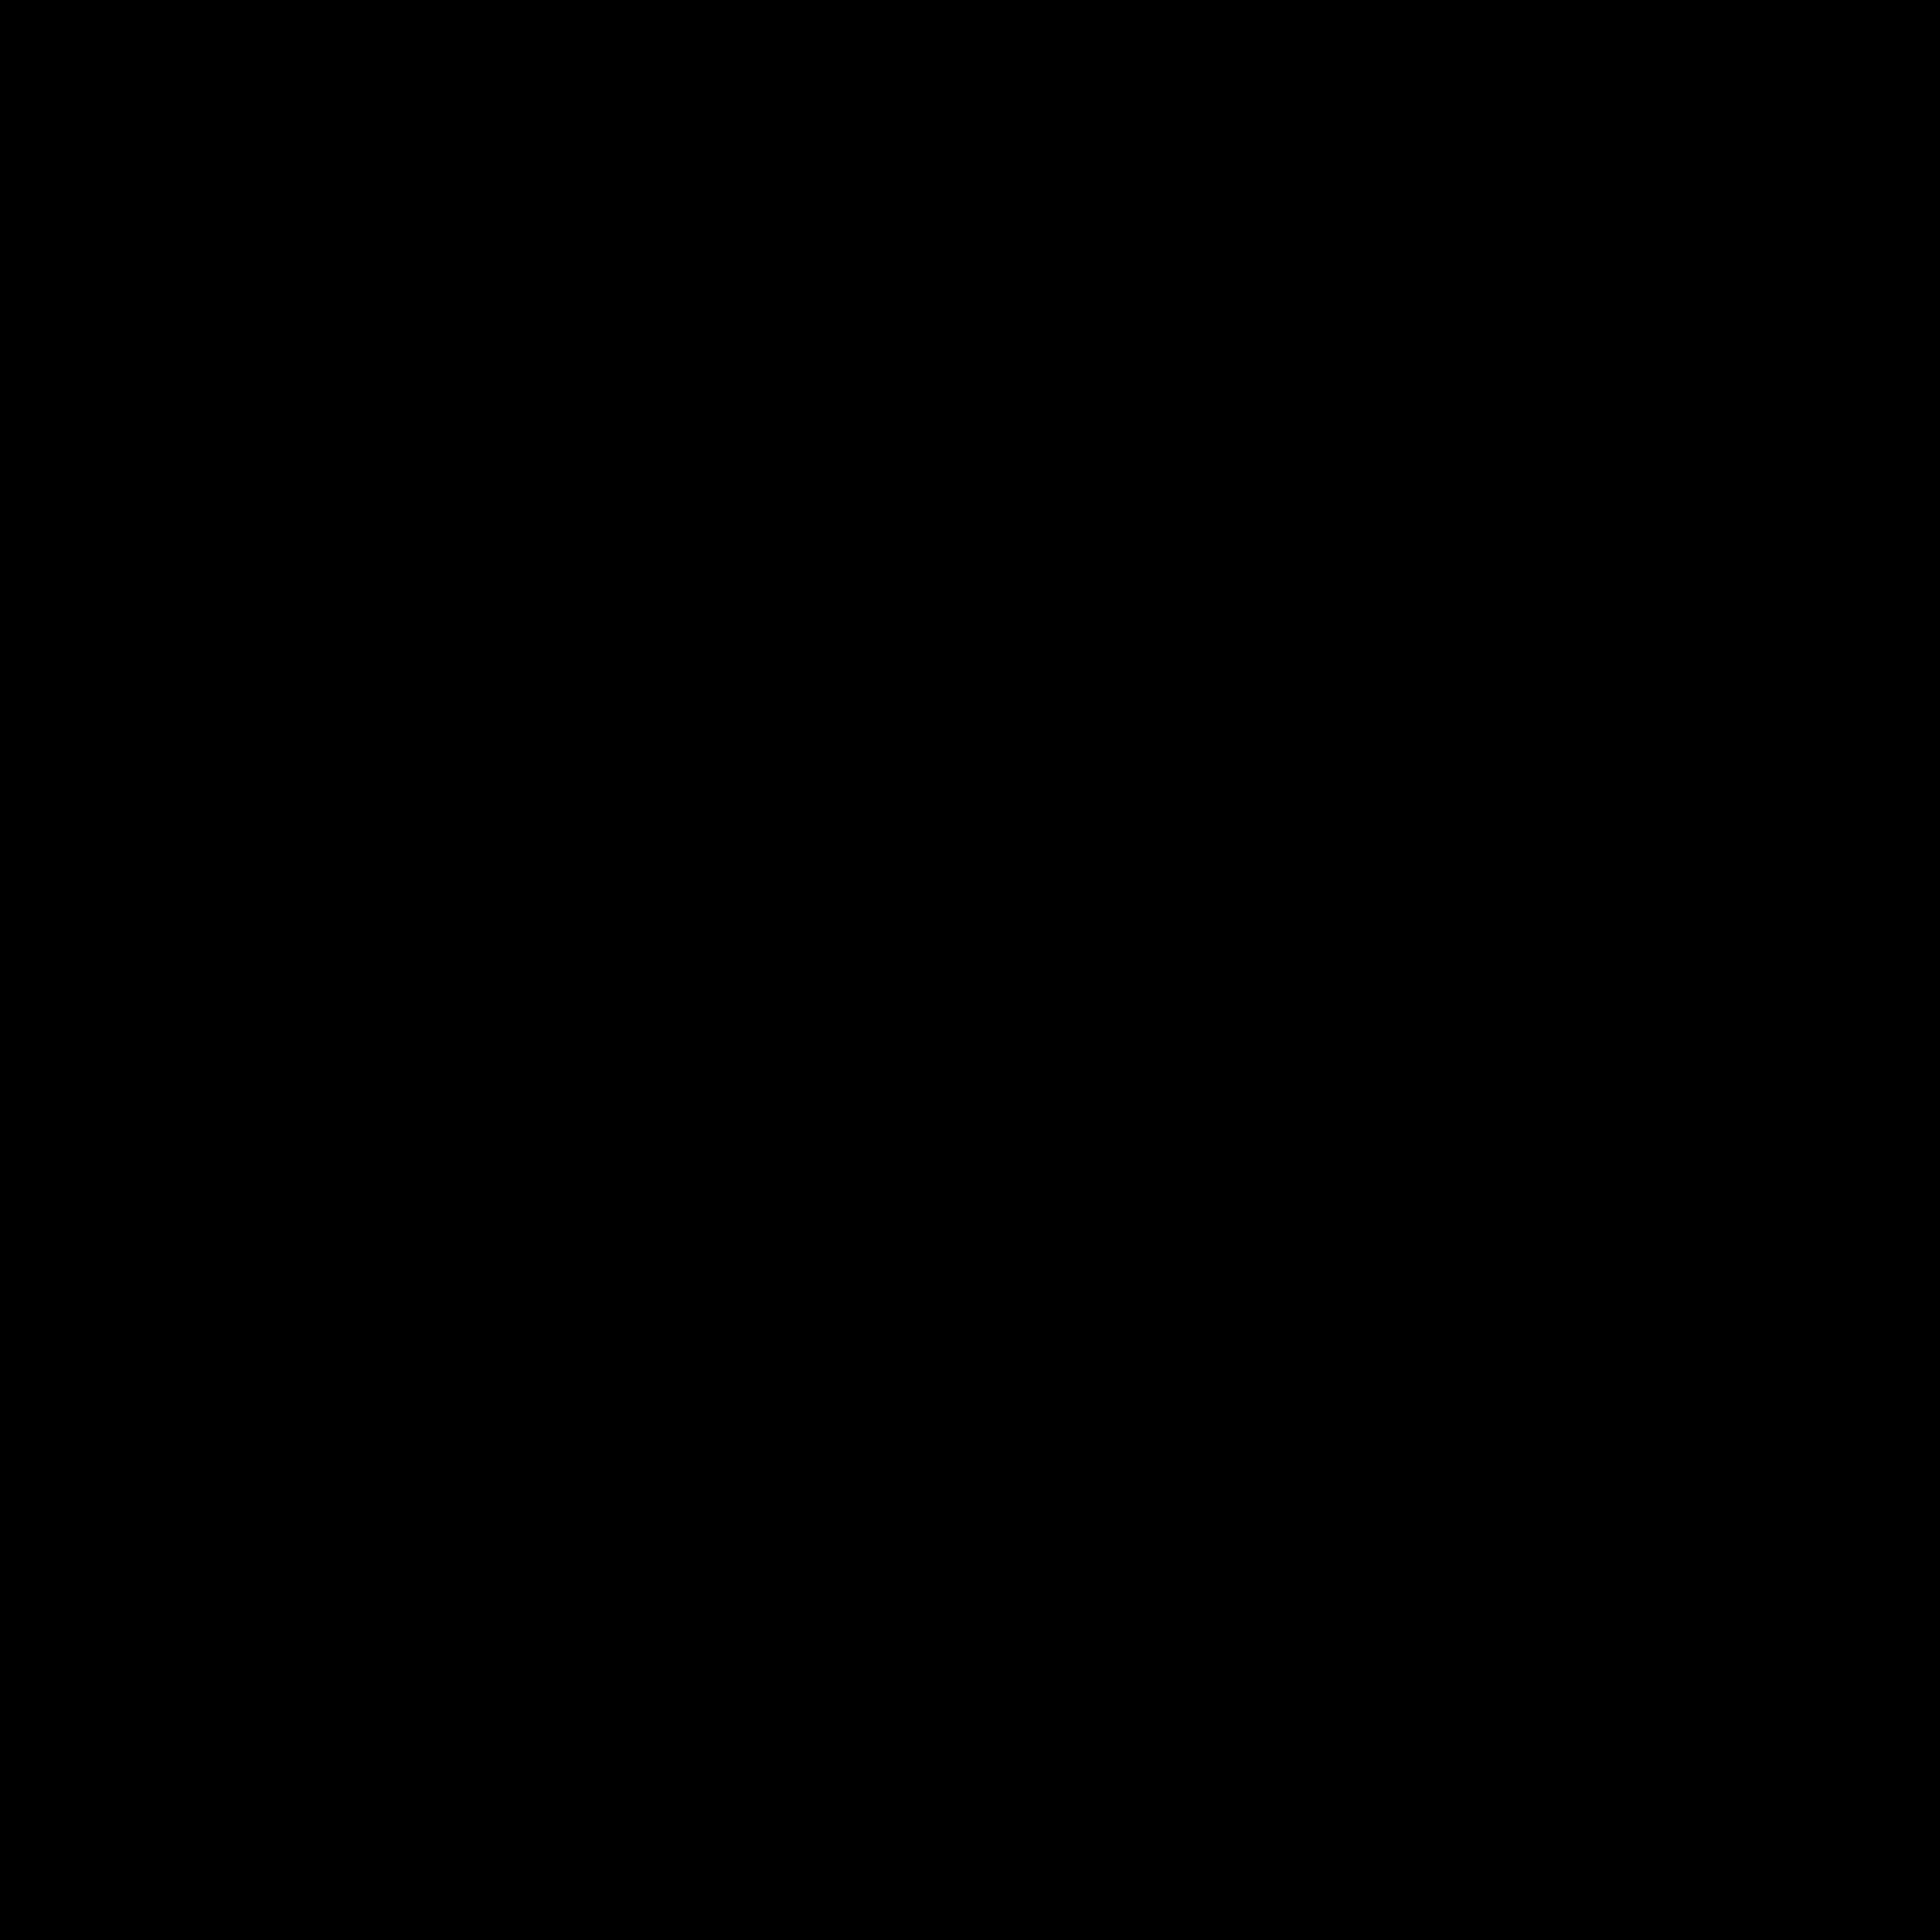 Clipart Art Nouveau Design 13